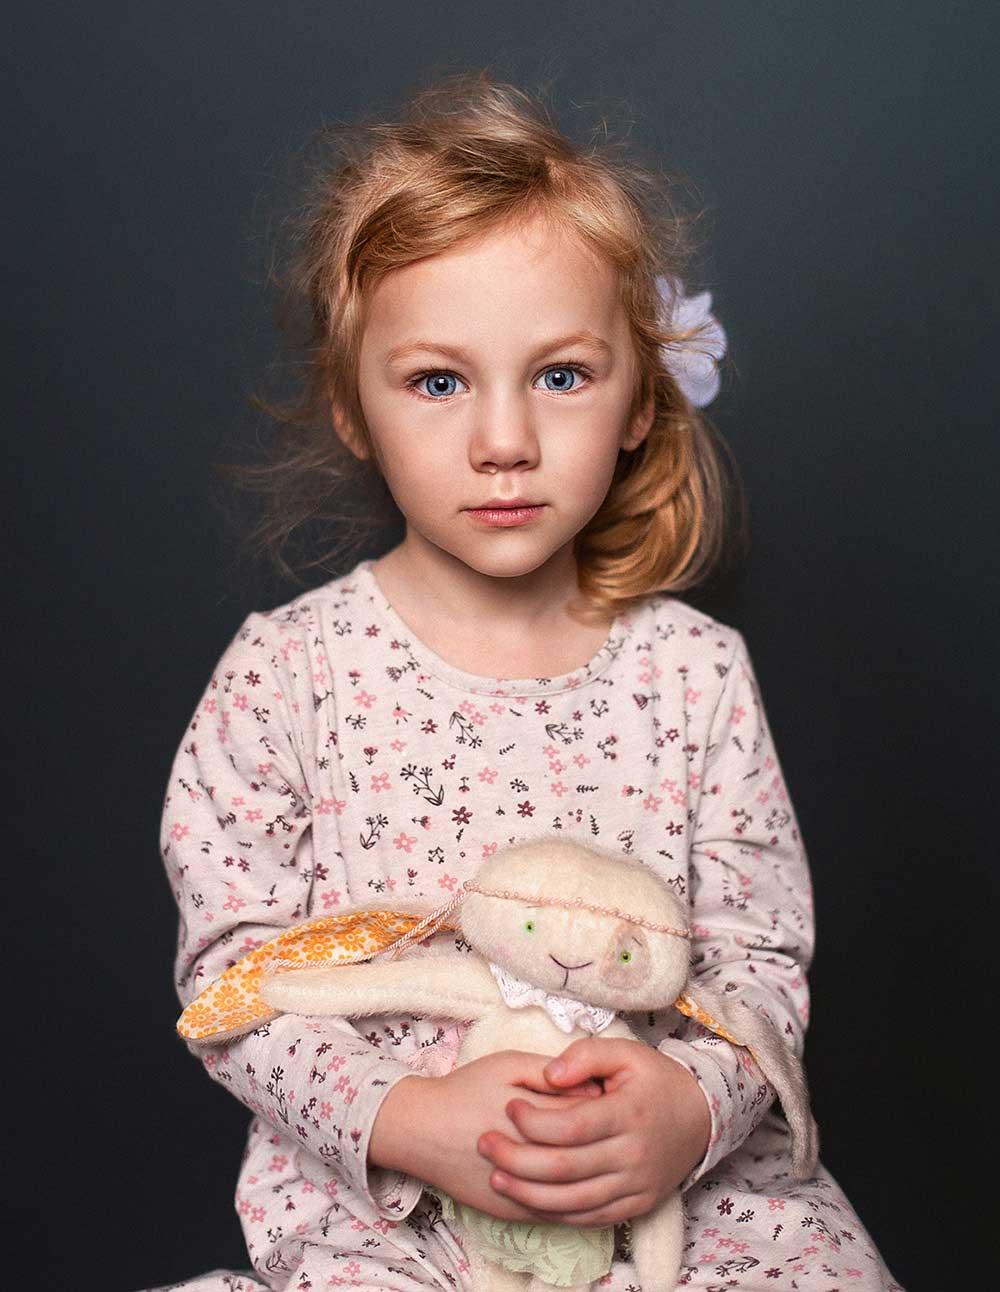 Portrait Photography ; Tatsiana Tsyhanova